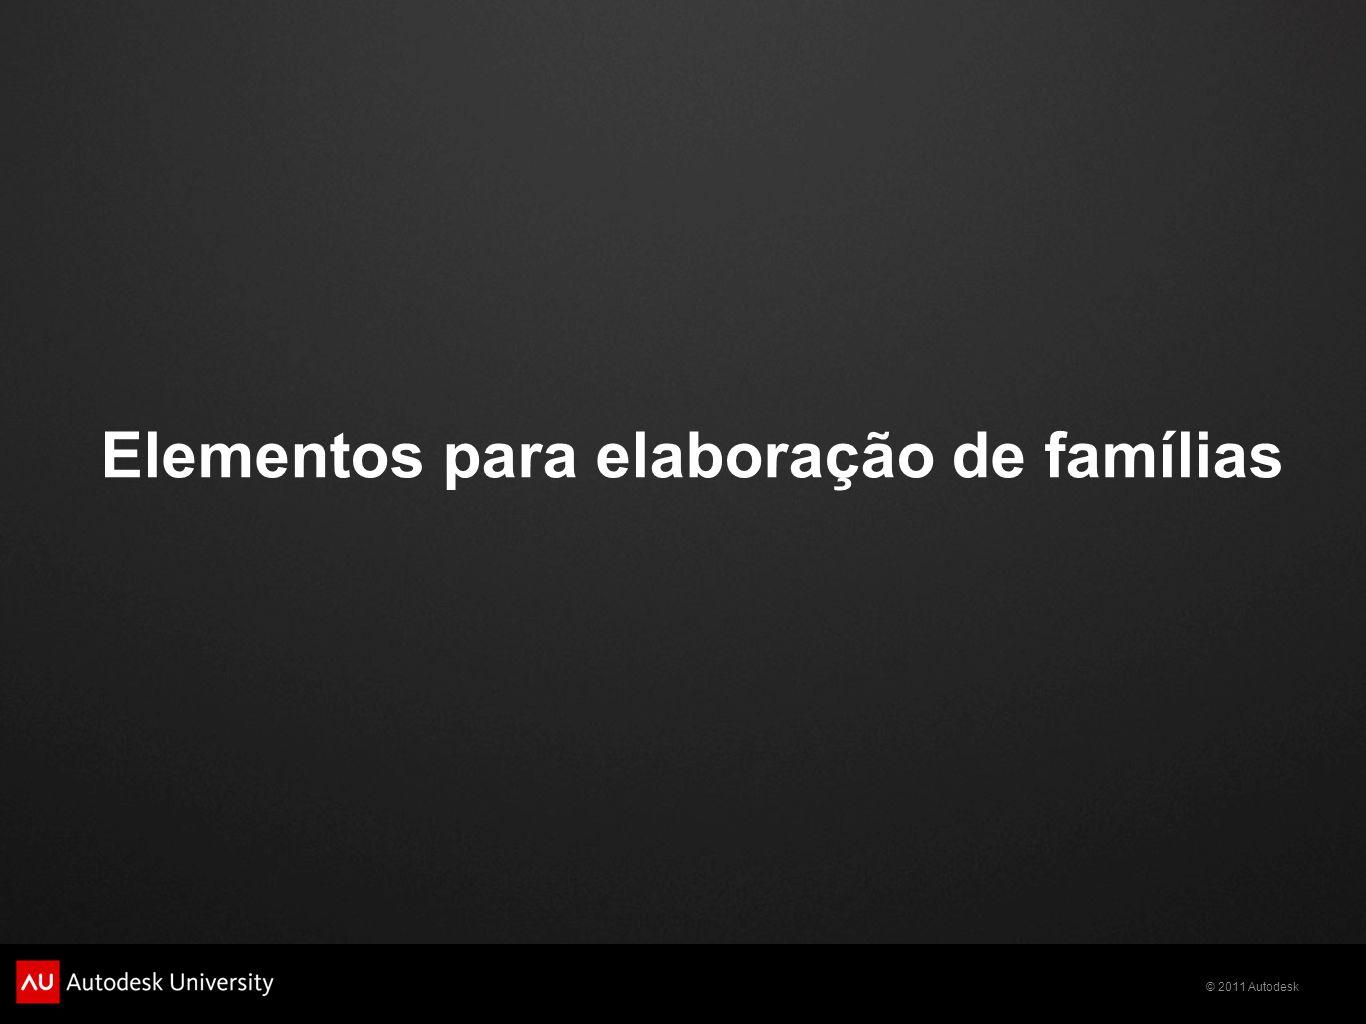 Elementos para elaboração de famílias